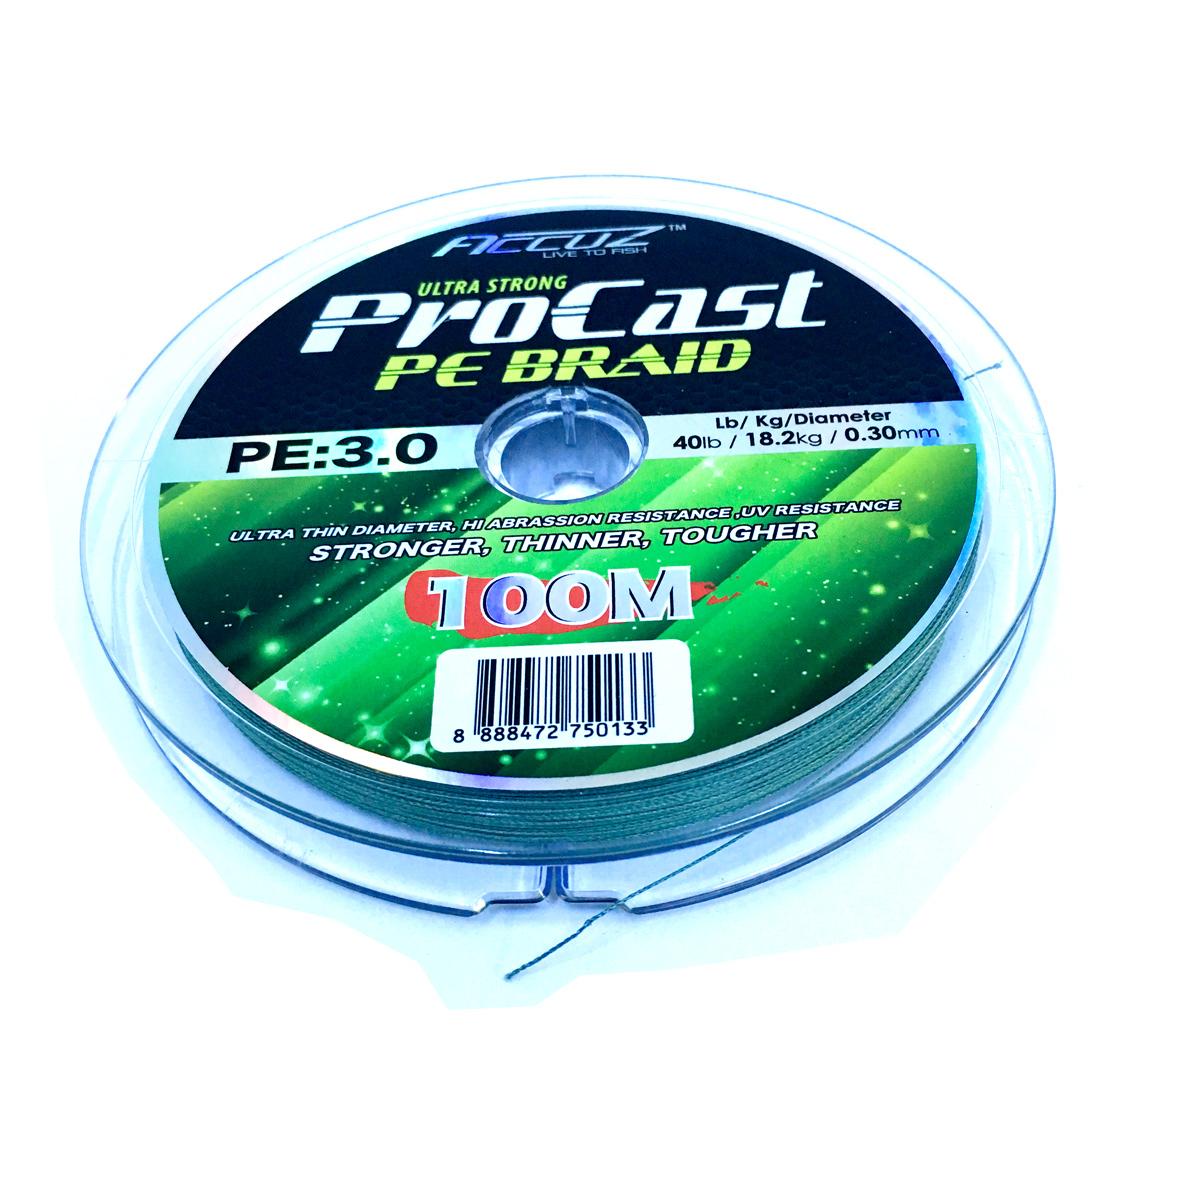 Dây Bện Accuz Ultracast Procast Cuộn 100M Chính Hãng